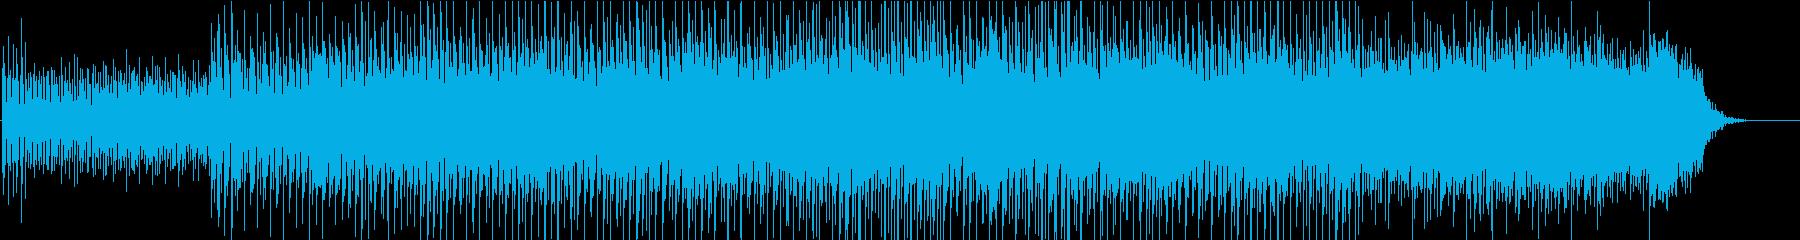 未来的な雰囲気の明るく高揚する電子...の再生済みの波形